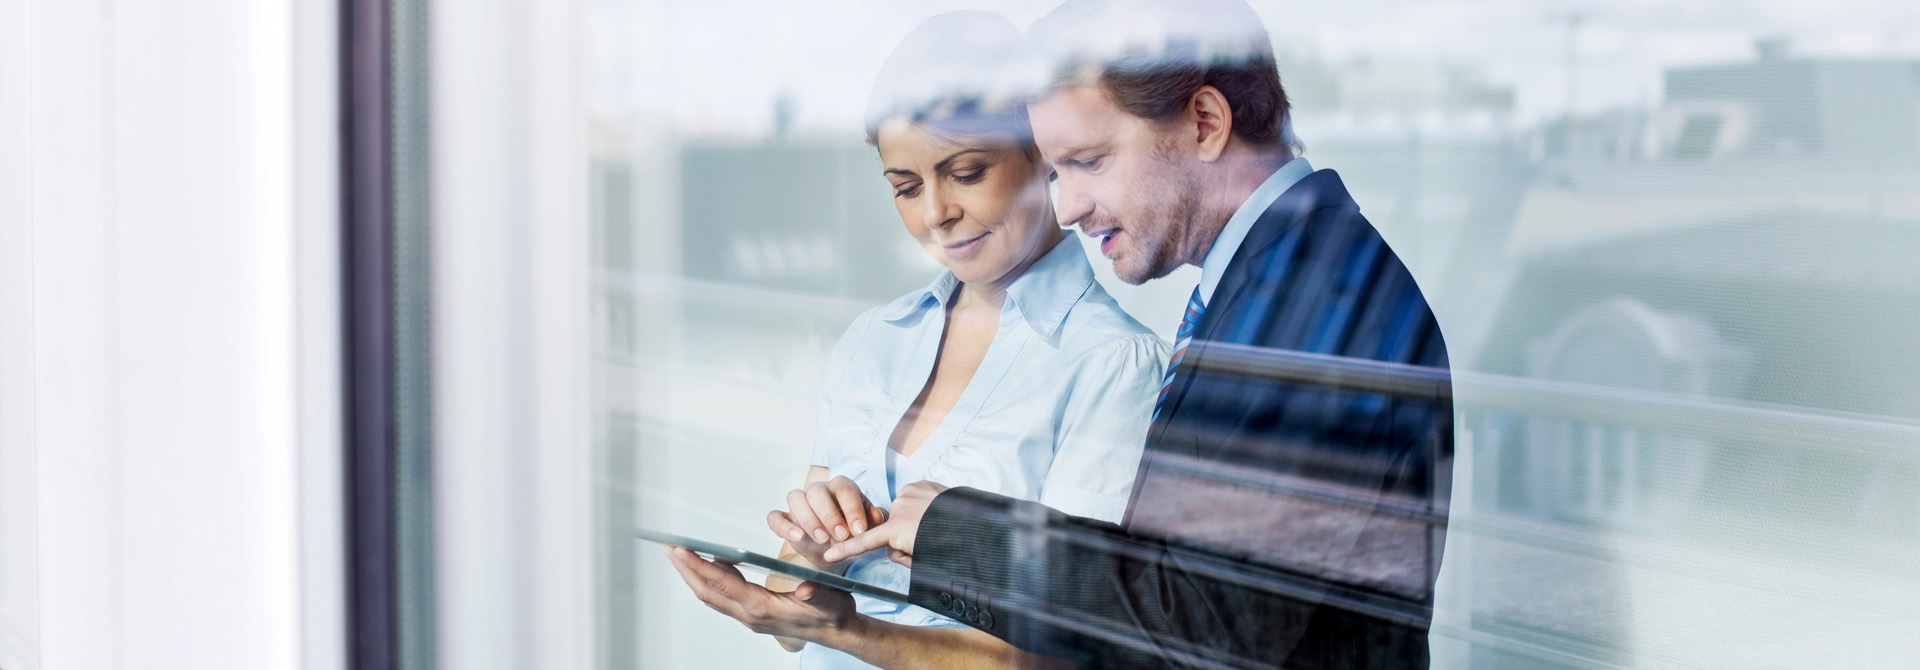 Mehr als 1,7 Millionen Anwender nutzen weltweit IT Lösungen, die bei BASIS oder bei Kunden von BASIS für kundenindividuelle Anforderungen geschaffen wurden.